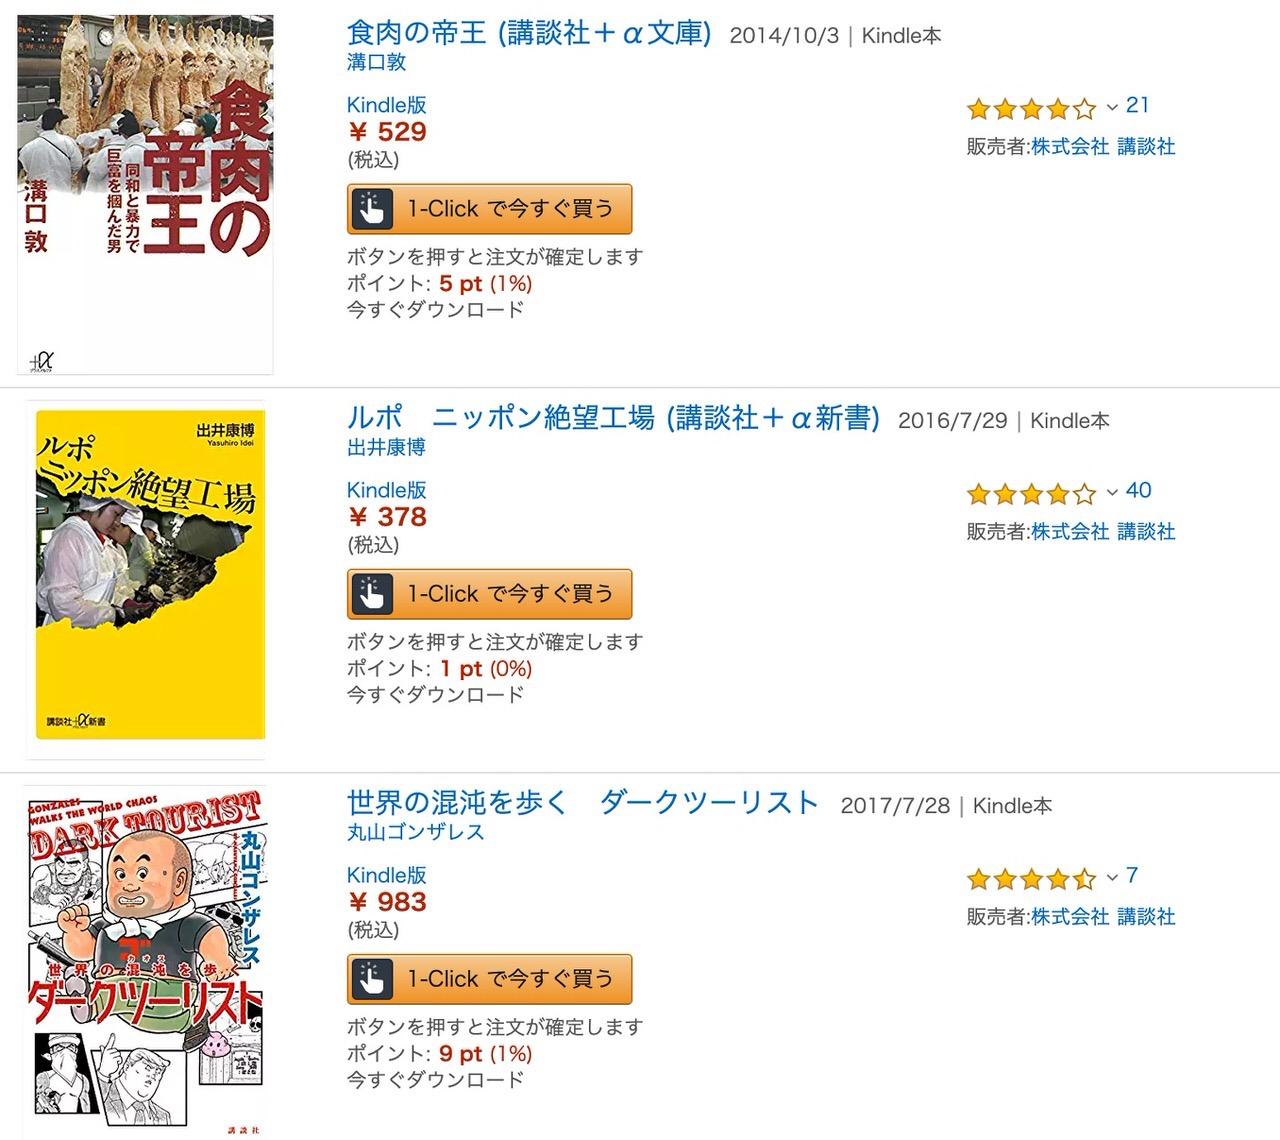 【Kindleセール】食肉の帝王、「宇宙戦艦ヤマト」をつくった男、実録 アングラマネーなど40冊が対象「ダークサイド・ノンフィクションフェア」(4/25まで)